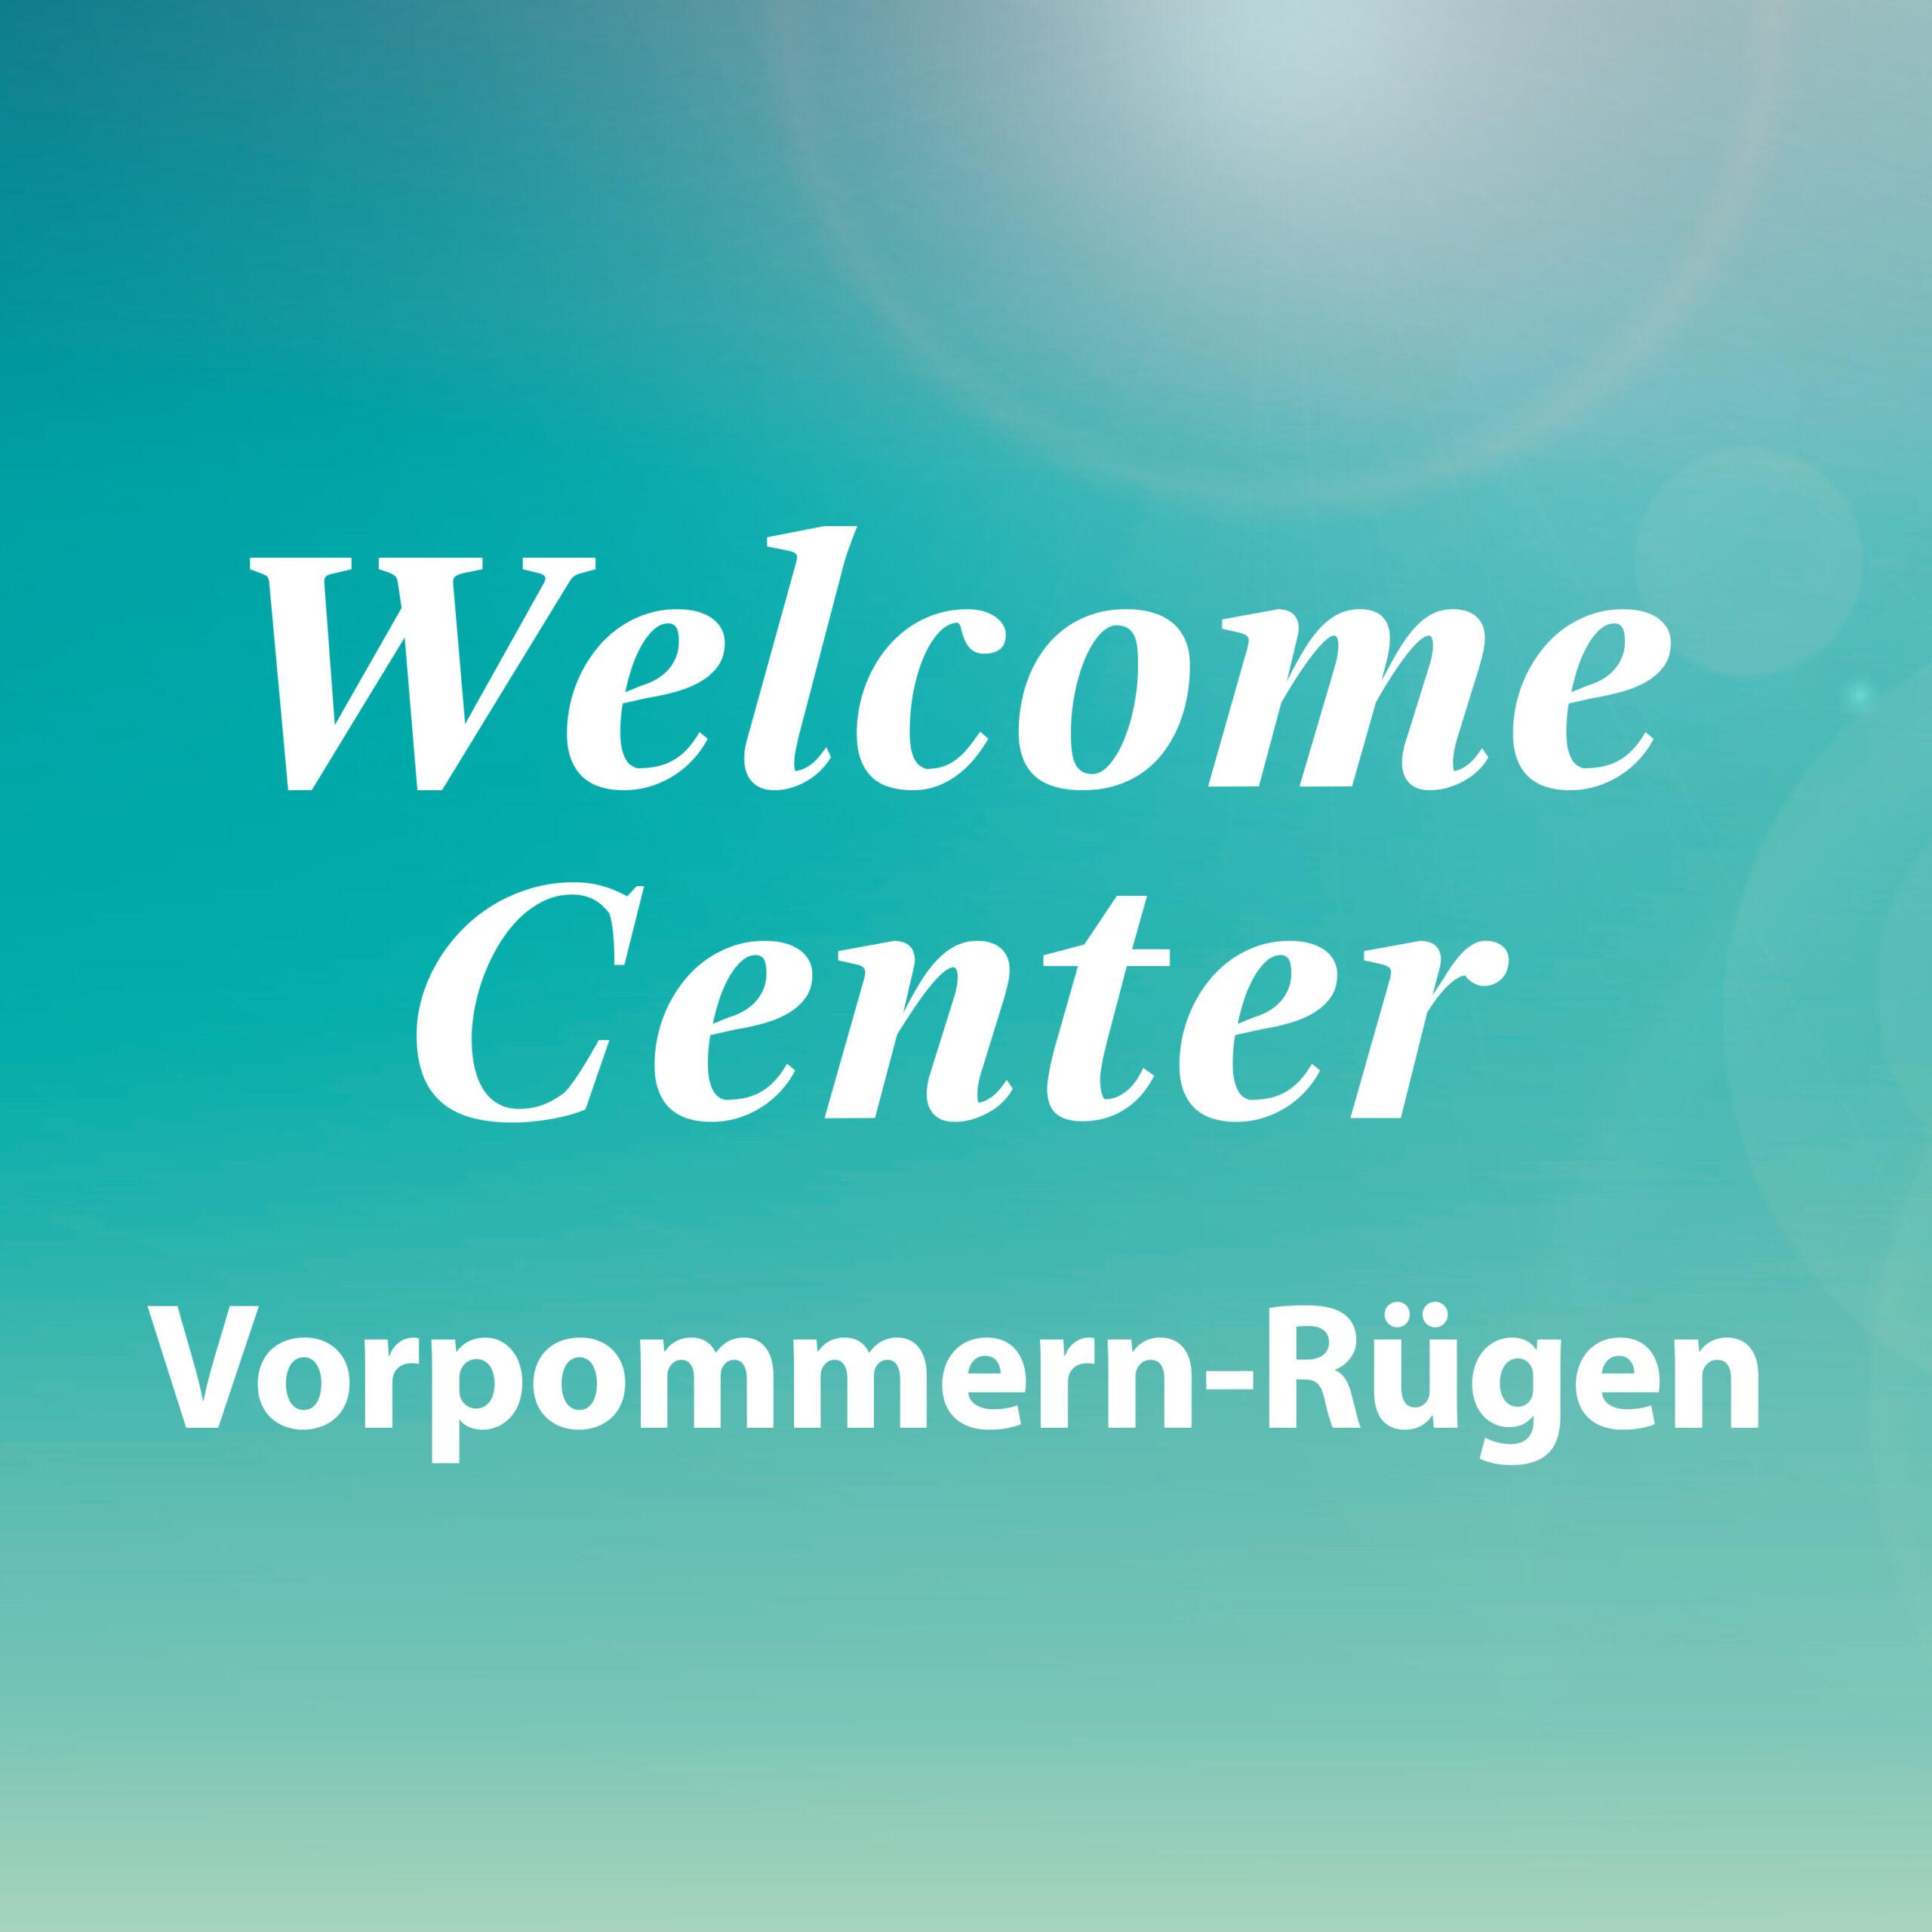 Welcome Center Vorpommern-Rügen